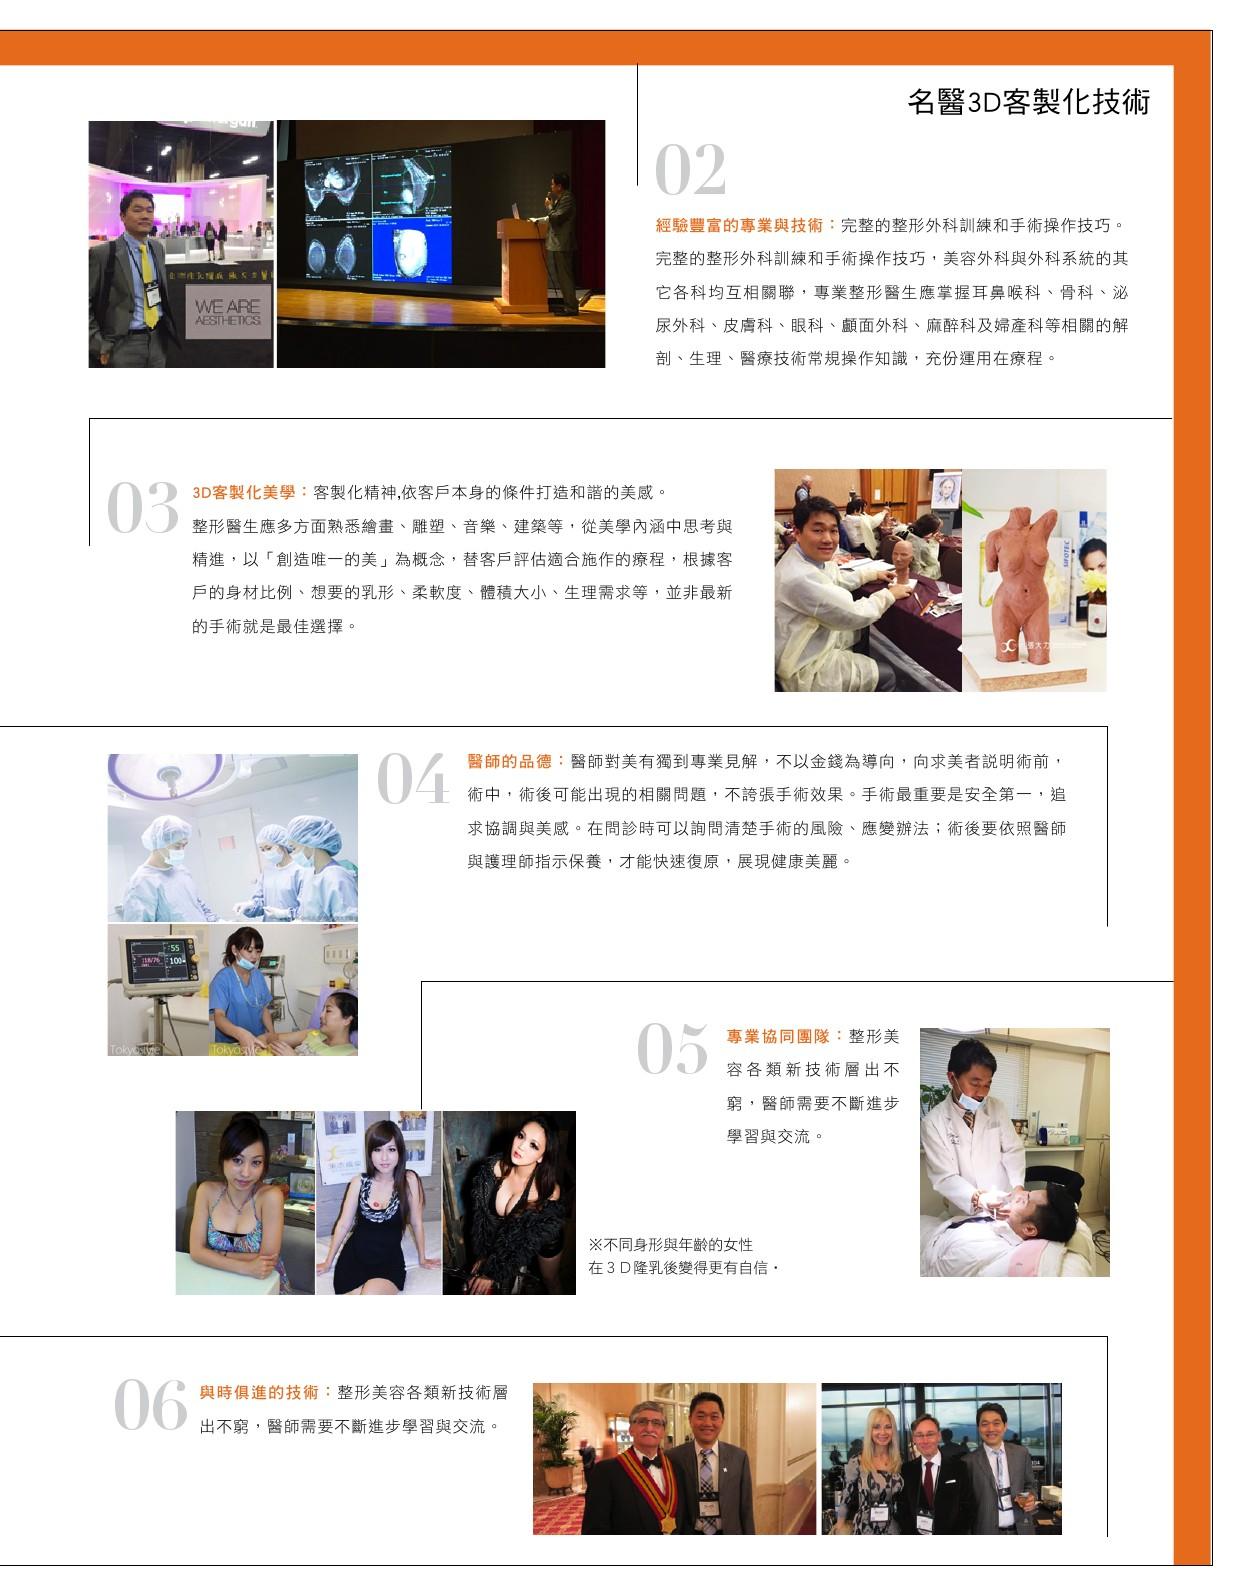 3D整形美學 名醫打造女性風采-雜誌專訪-張大力-整形名醫-東京風采